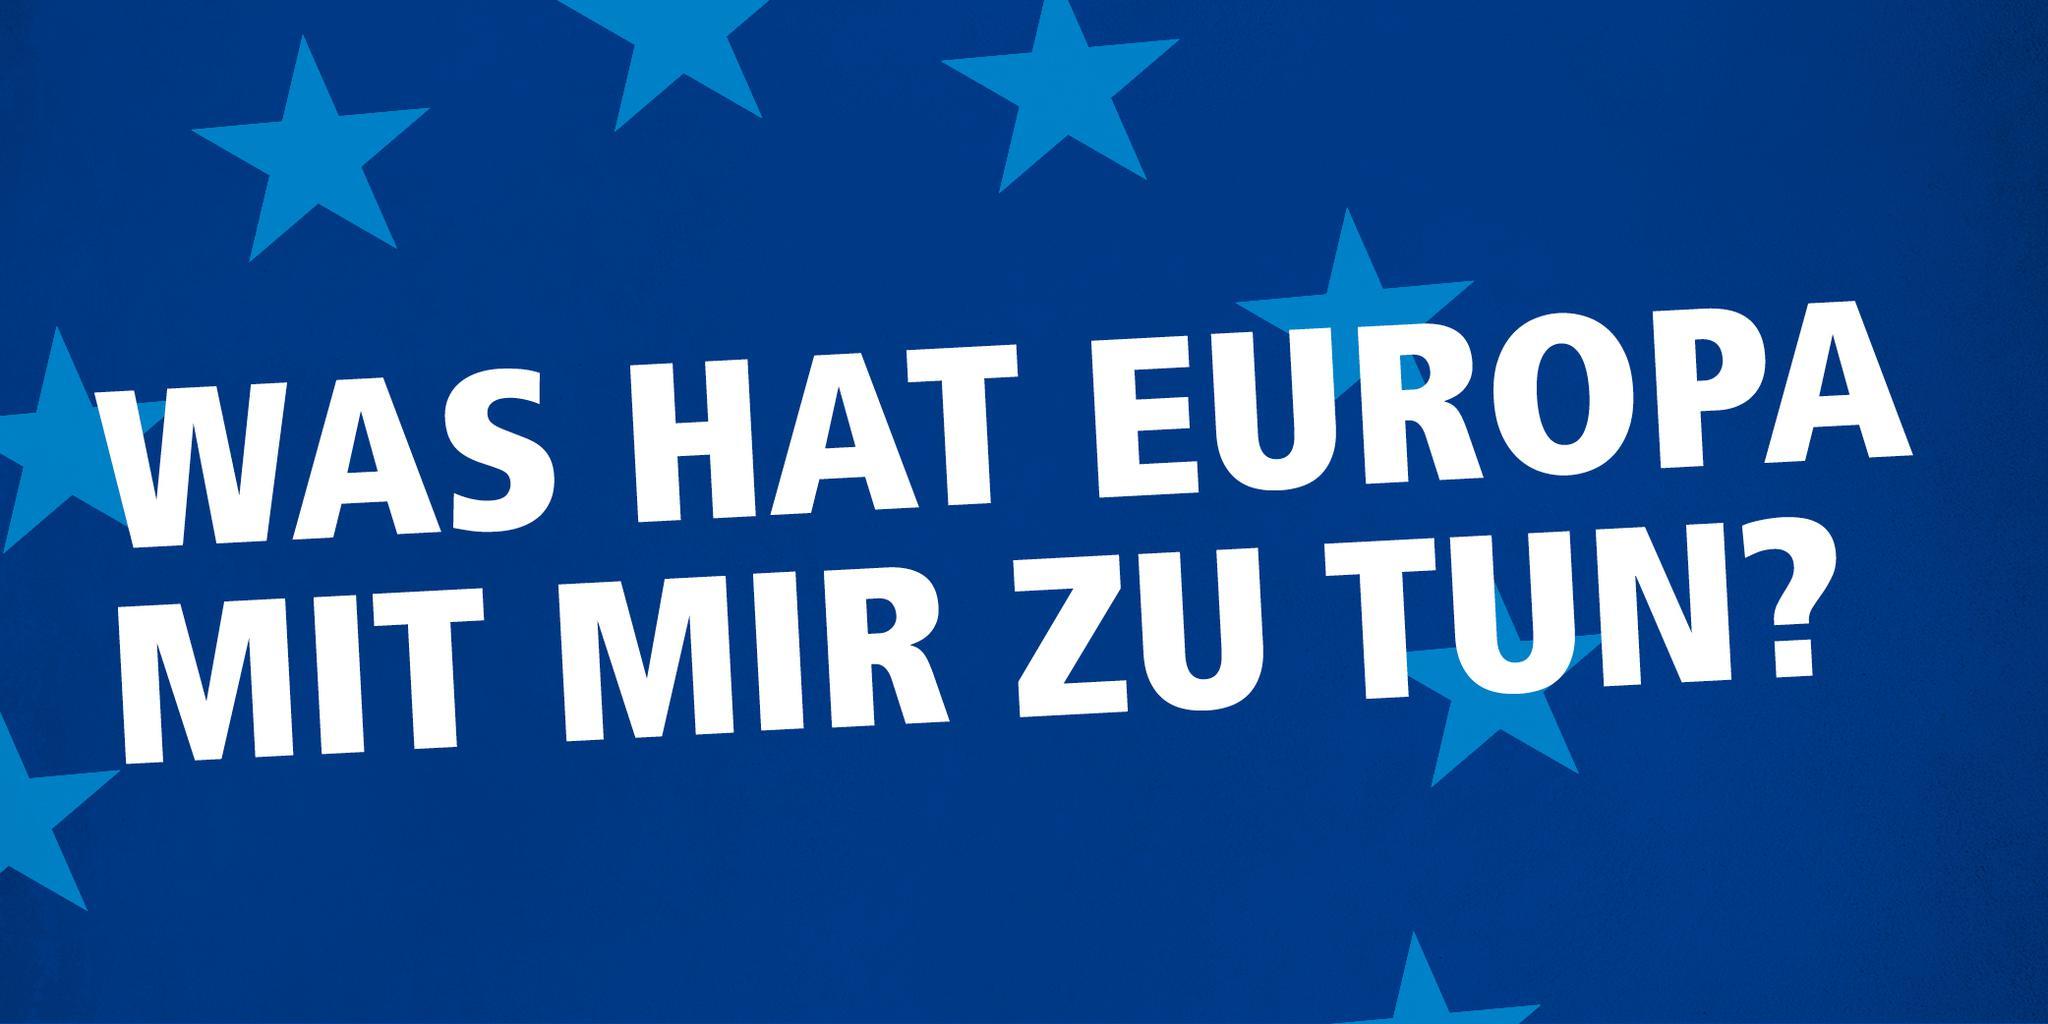 """Schriftzug weiße Schrift auf blauem Grund mit Sternen """"Was hat Europa mit mir zu tun?"""""""